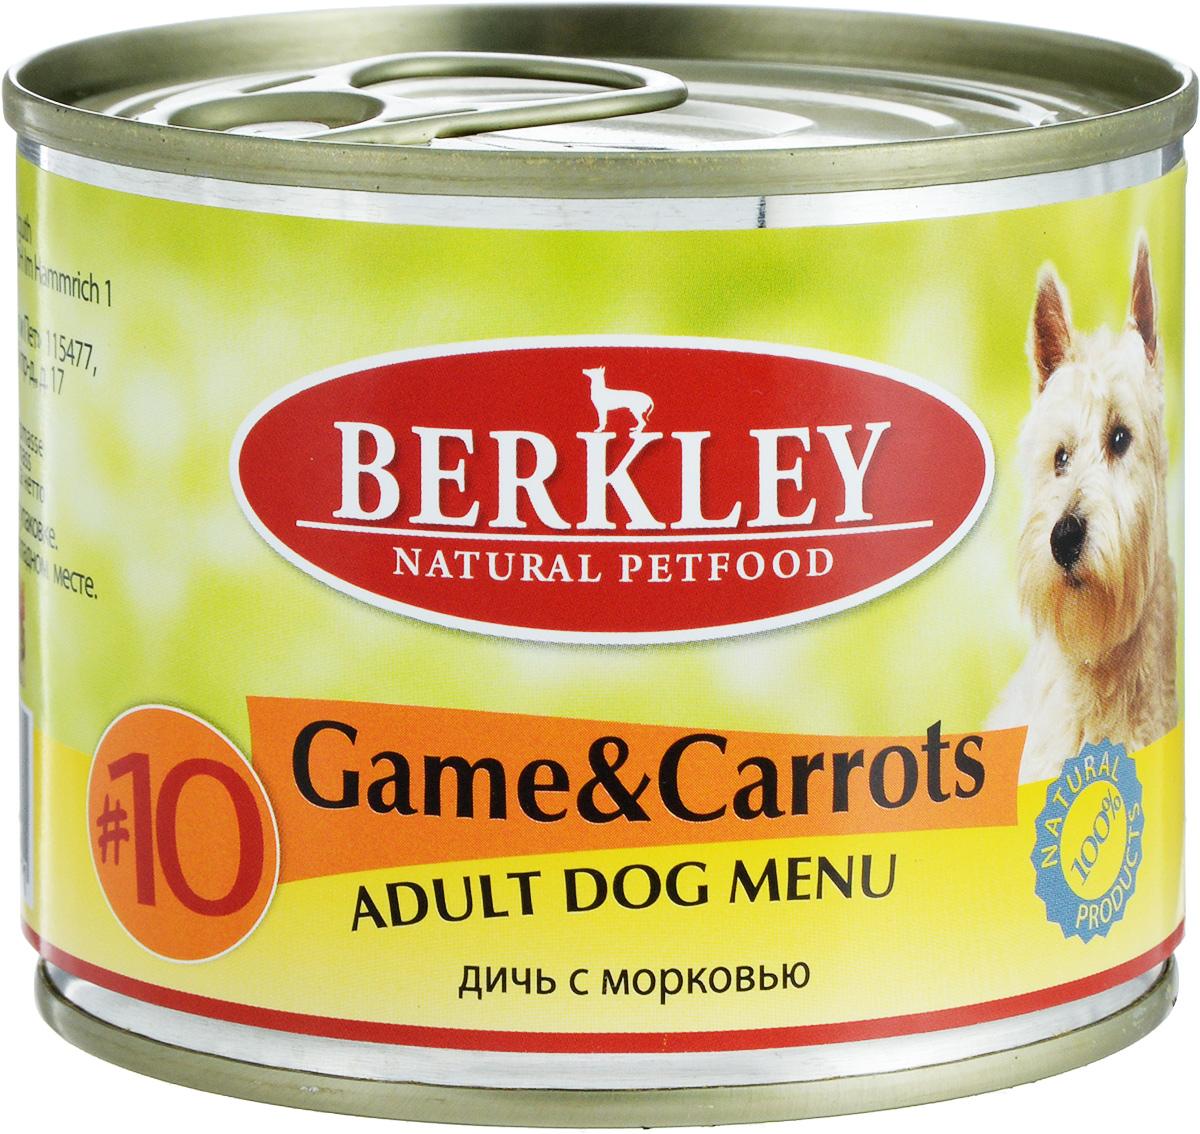 """Консервы для собак Berkley """"№10"""", оленина с морковью, 200 г 57478/75006"""